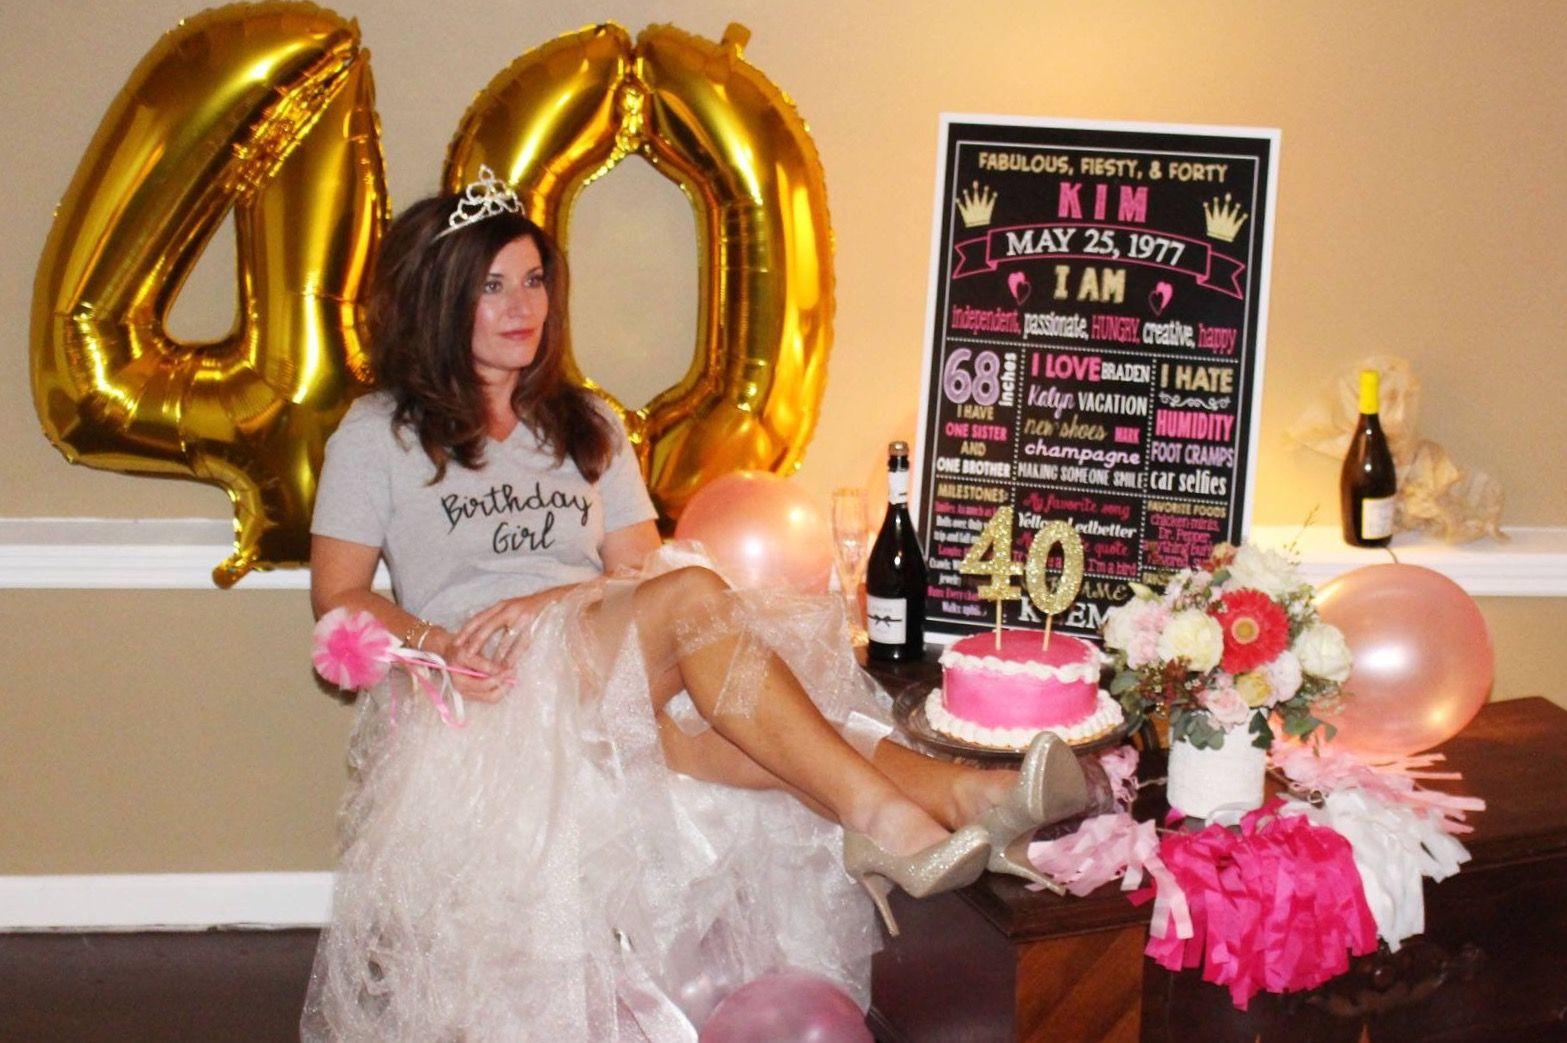 40th Birthday Photo Shoot Adult Birthday Party Birthday